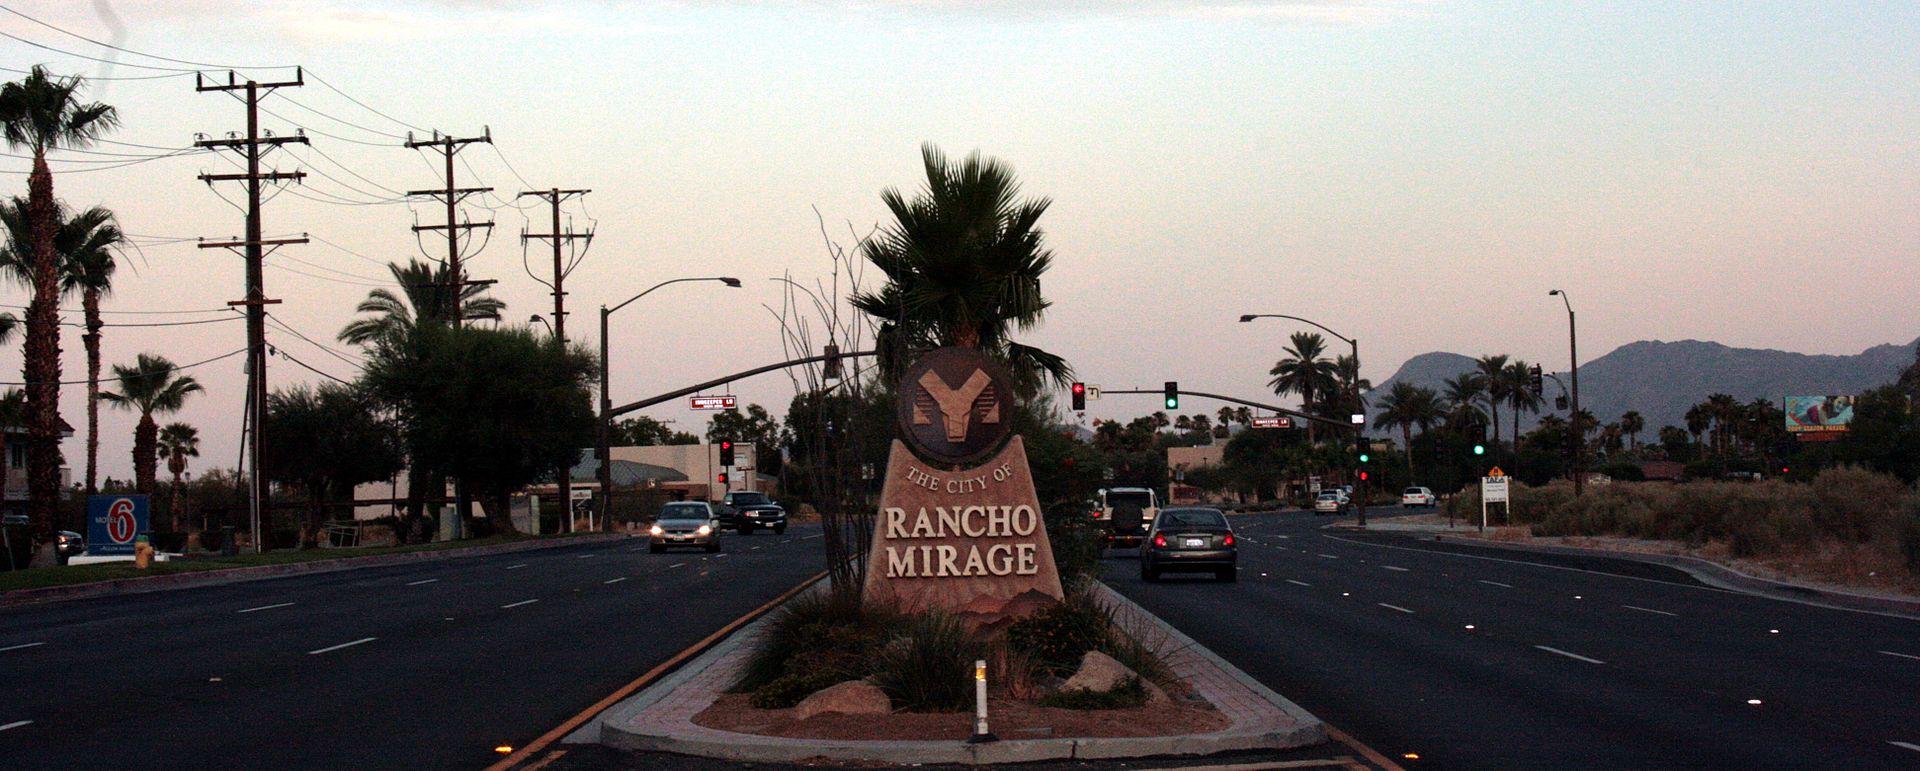 RanchoMirageCa